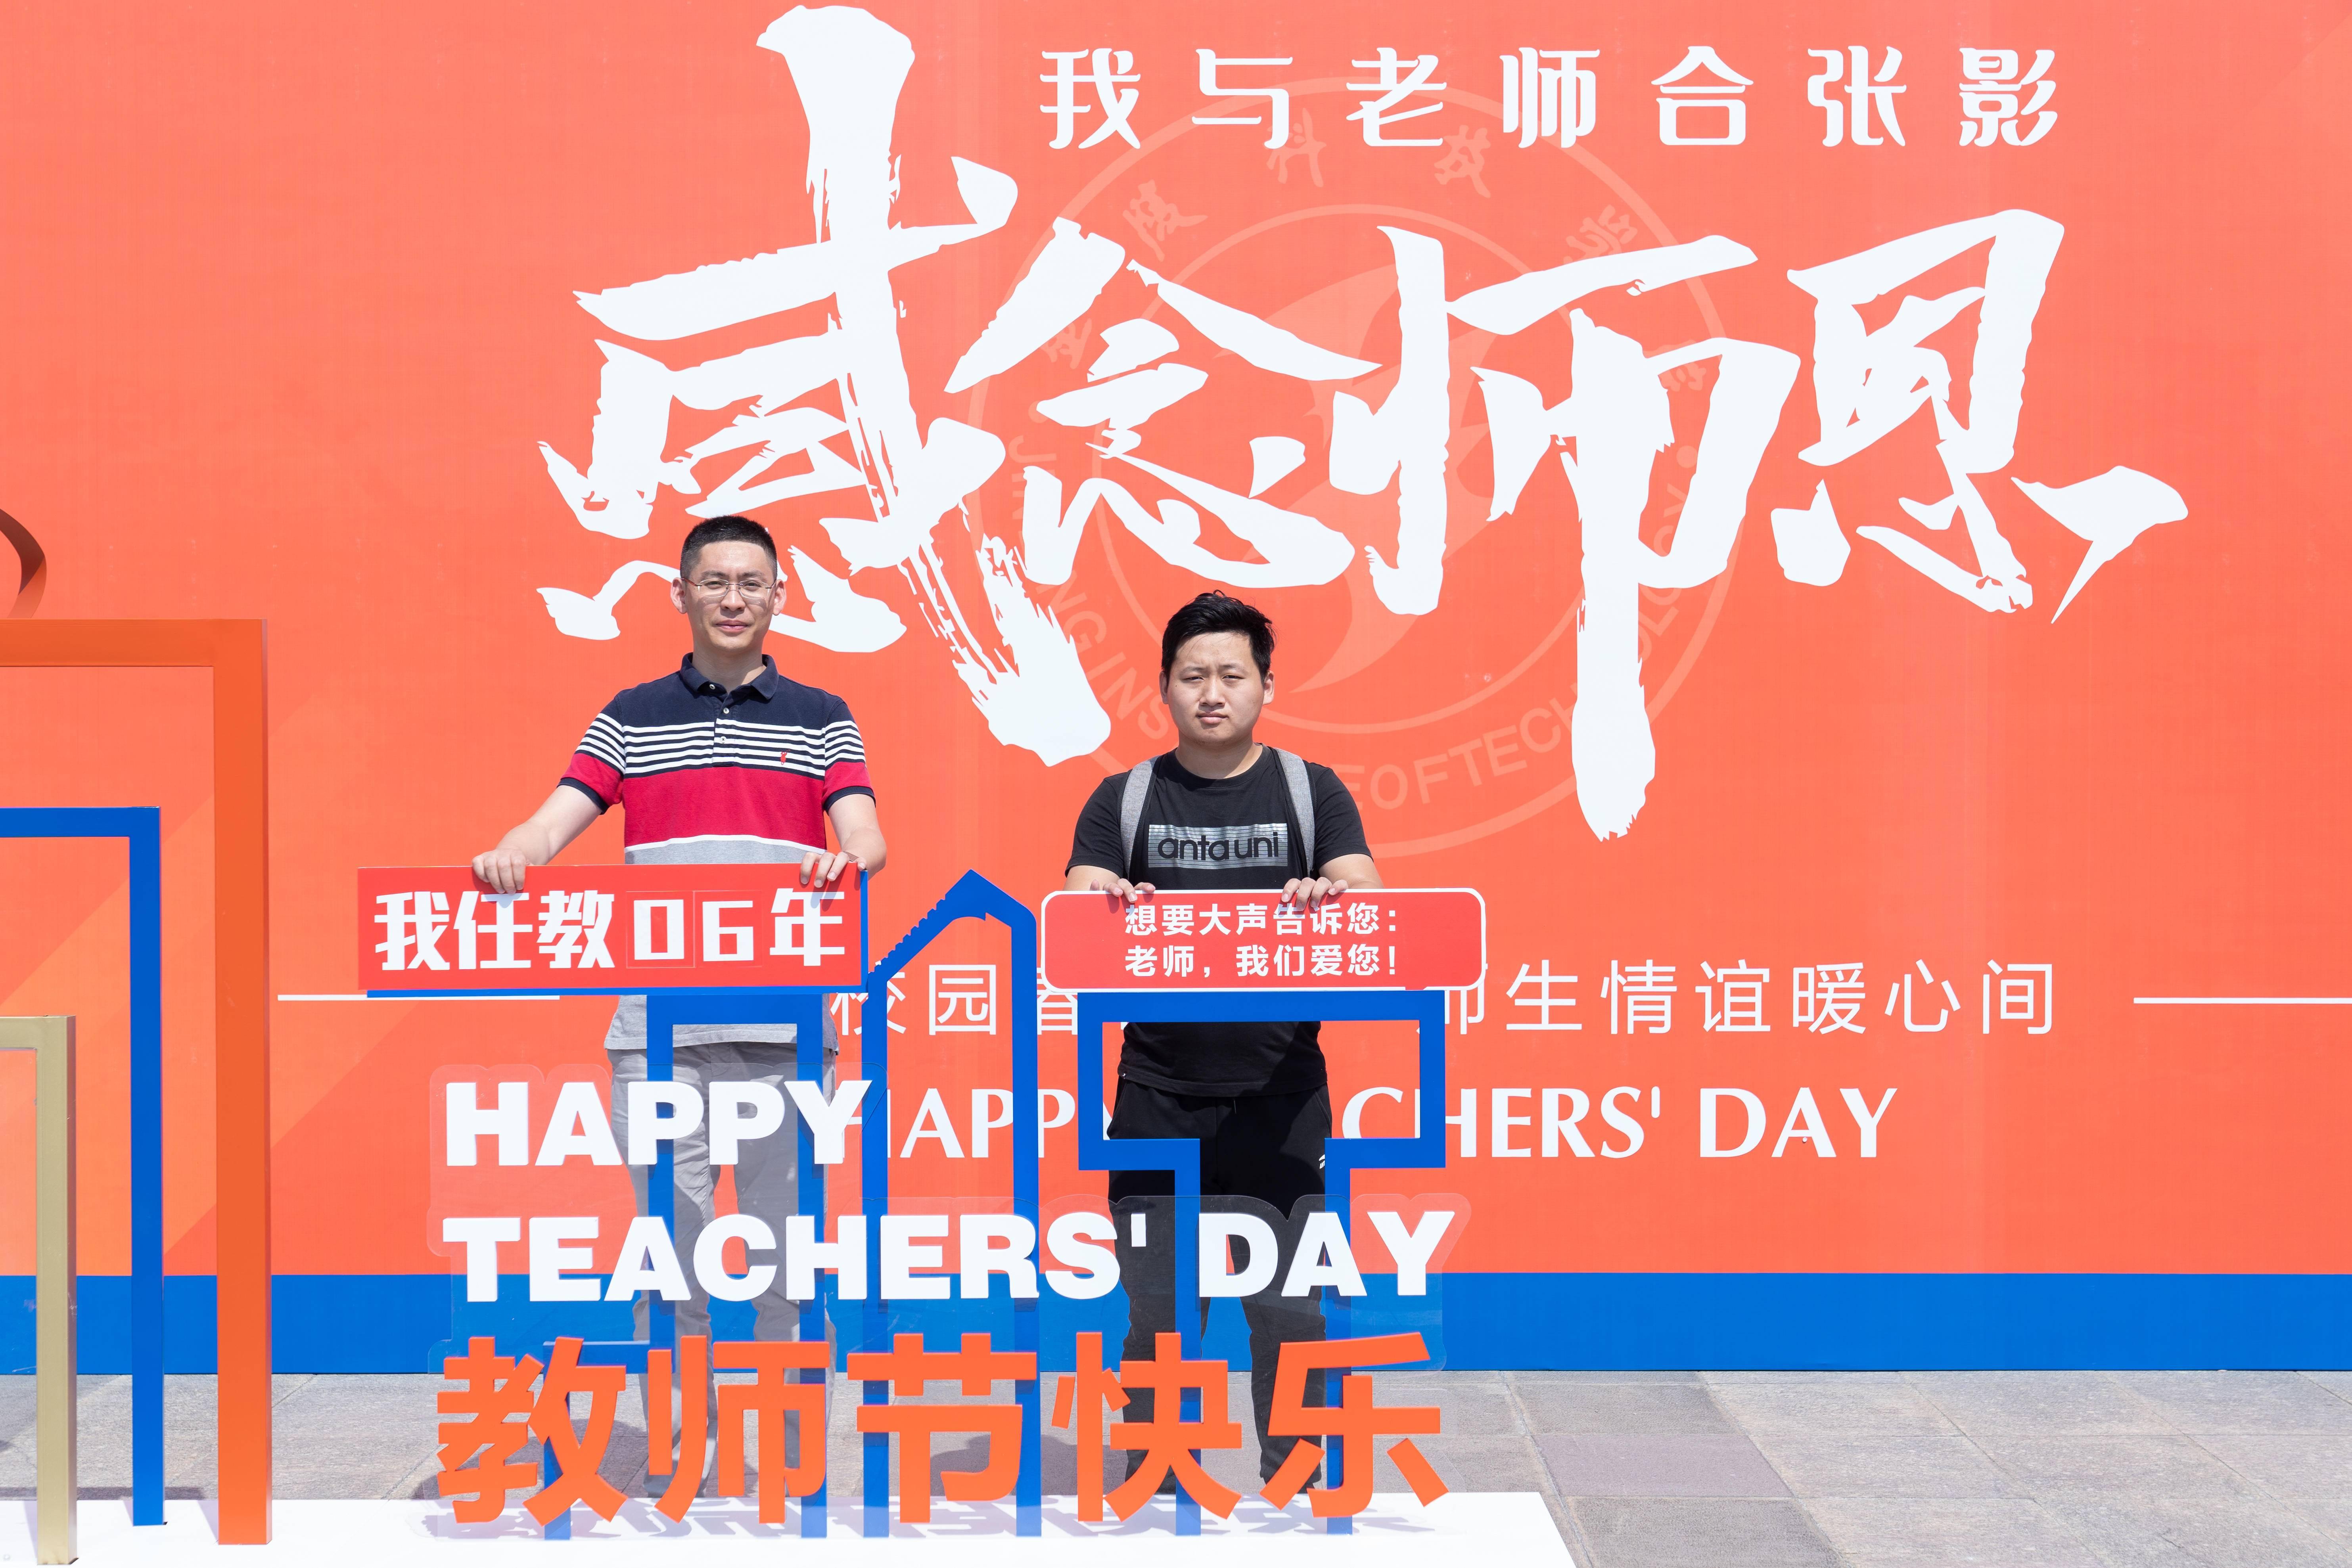 智能科学与控制工程学院庄晓宝(全球人工智能钛马大赛一等奖)与指导老师吴有龙合影